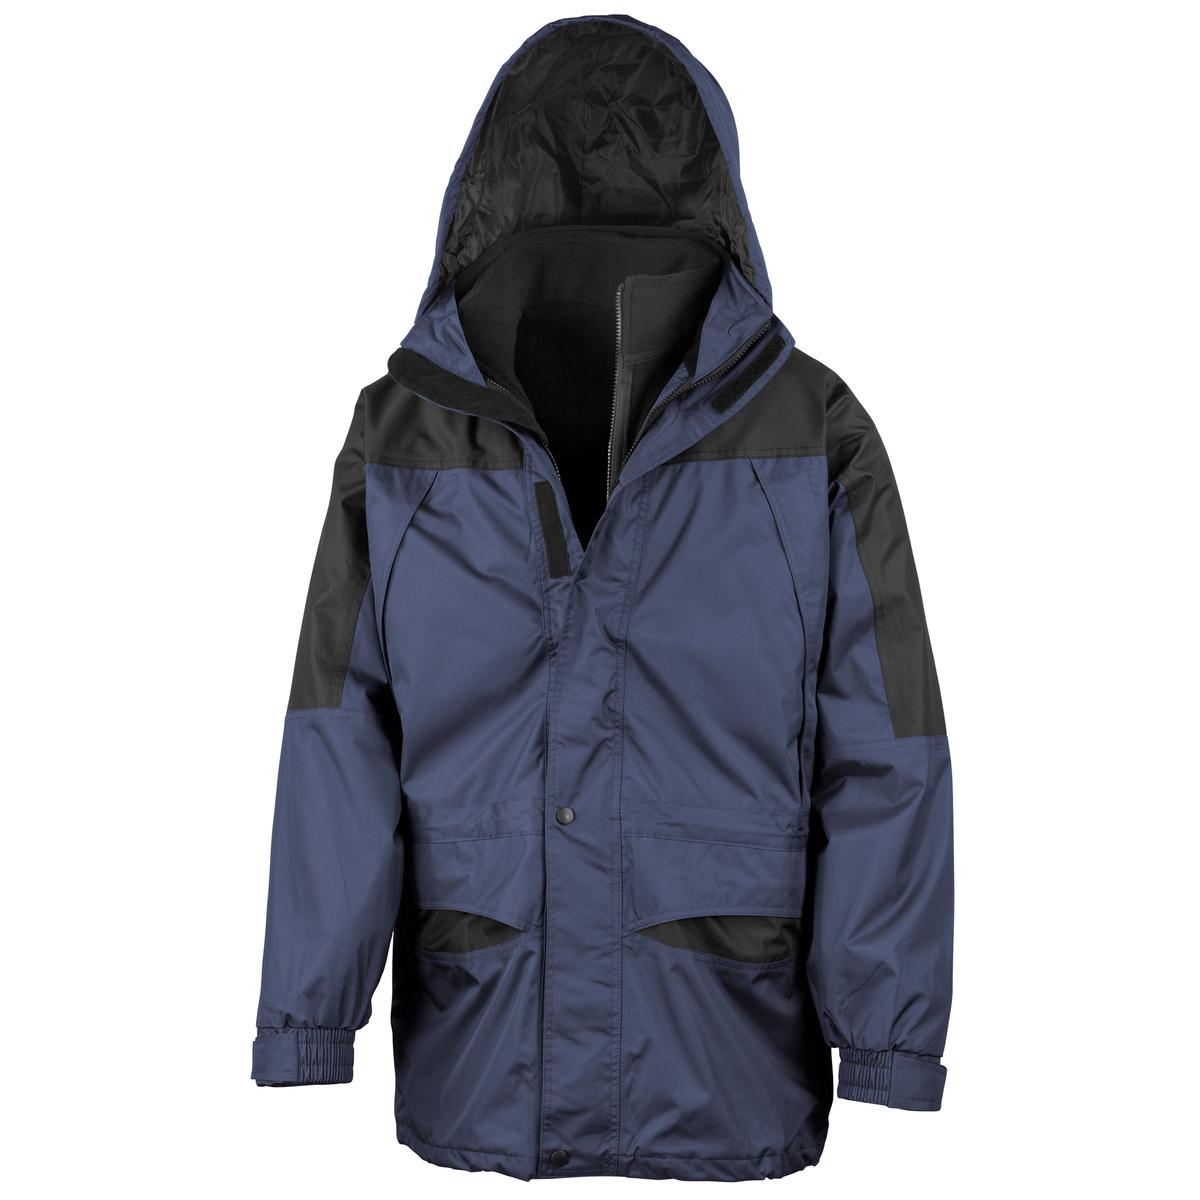 (リゾルト) Result メンズ アラスカ スリーインワン 3in1 ストームドライ 防水・防風ジャケット アウターコート アウトドアジャンパー 上着 防寒着 オーバー トップス 男性用 【海外直送】